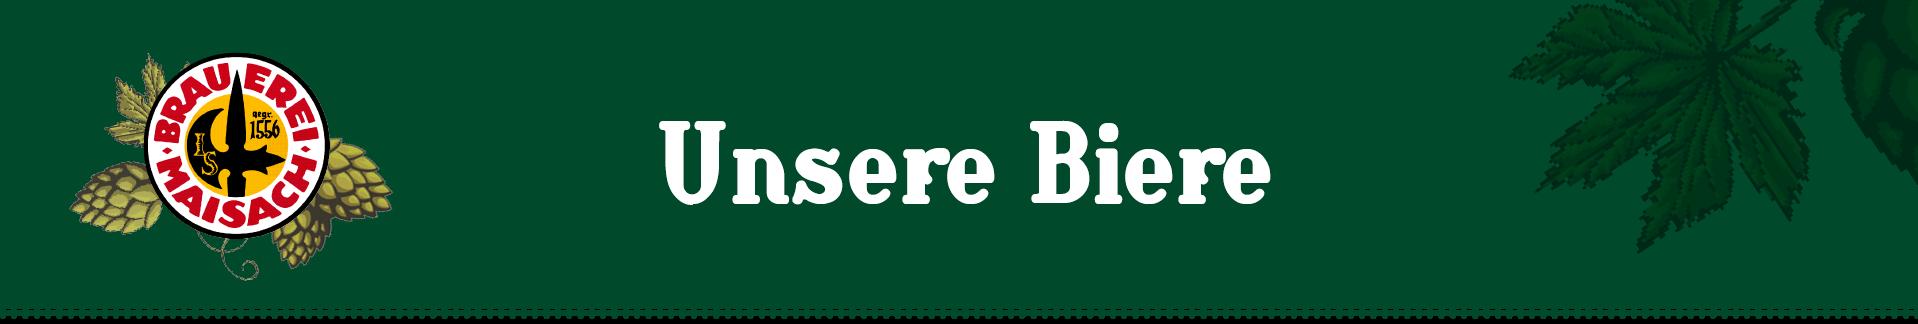 Brauerei Maisach - Unsere Biere